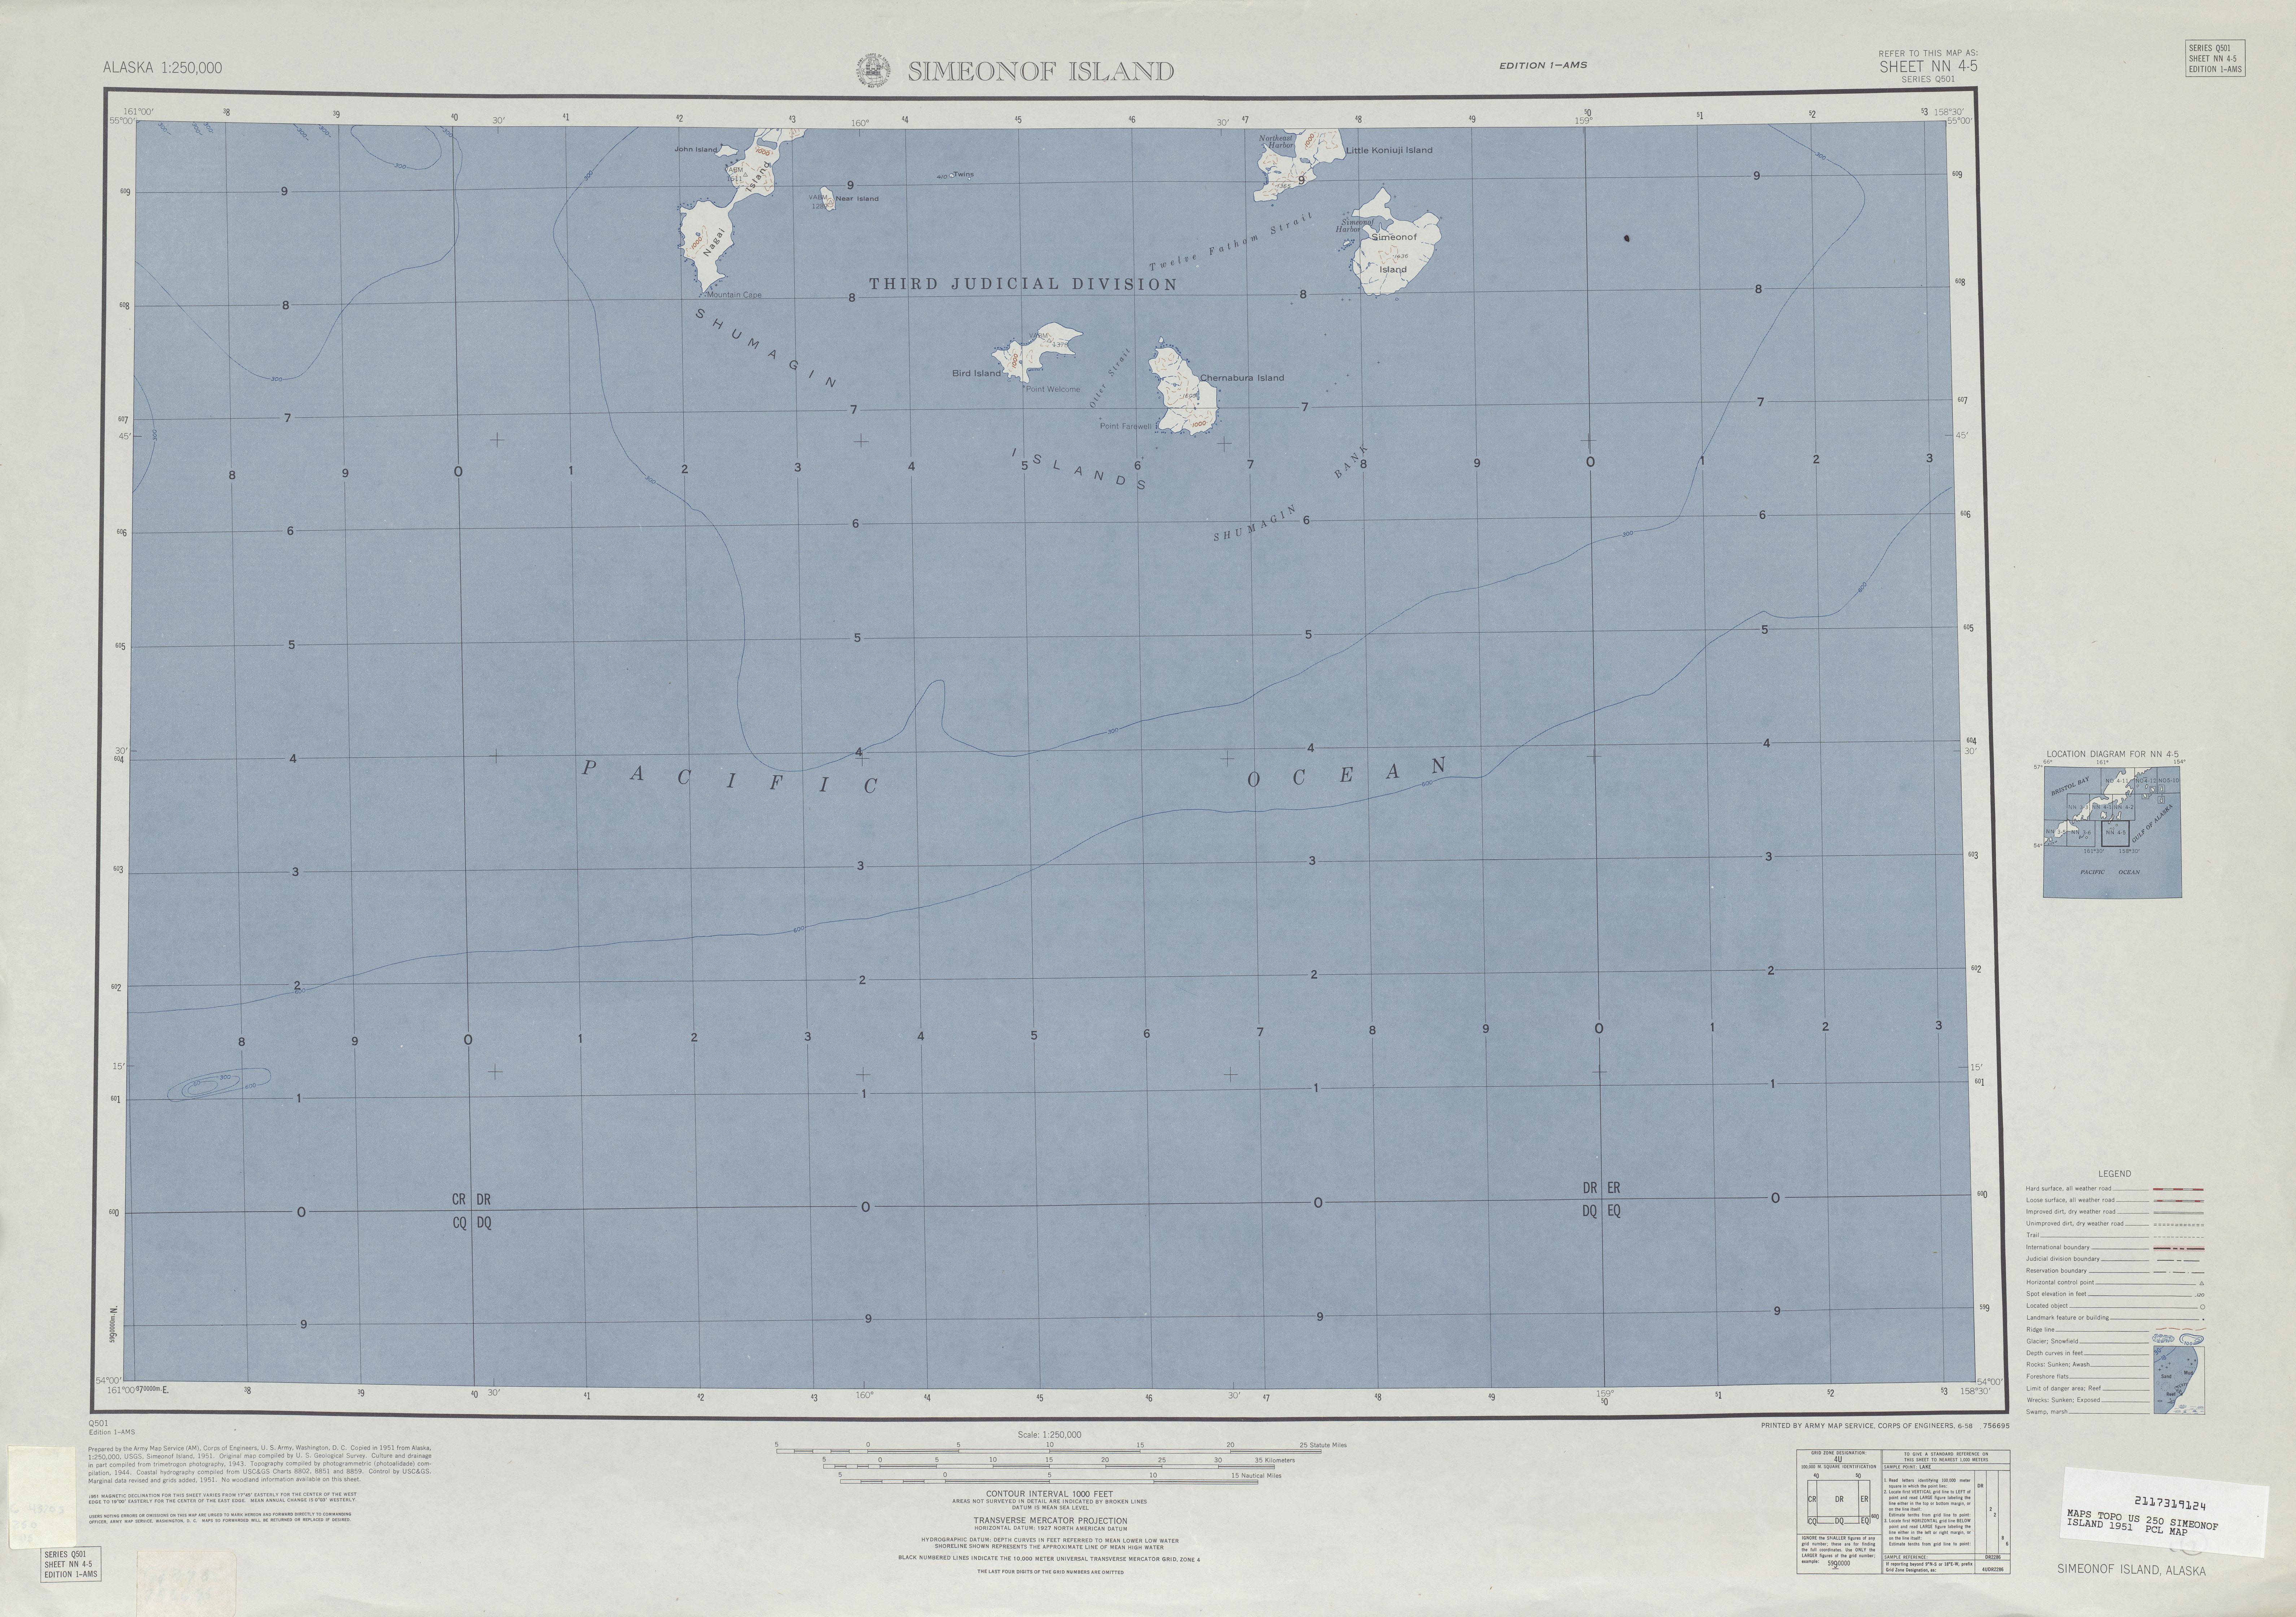 Hoja Simeonof Island del Mapa Topográfico de los Estados Unidos 1951